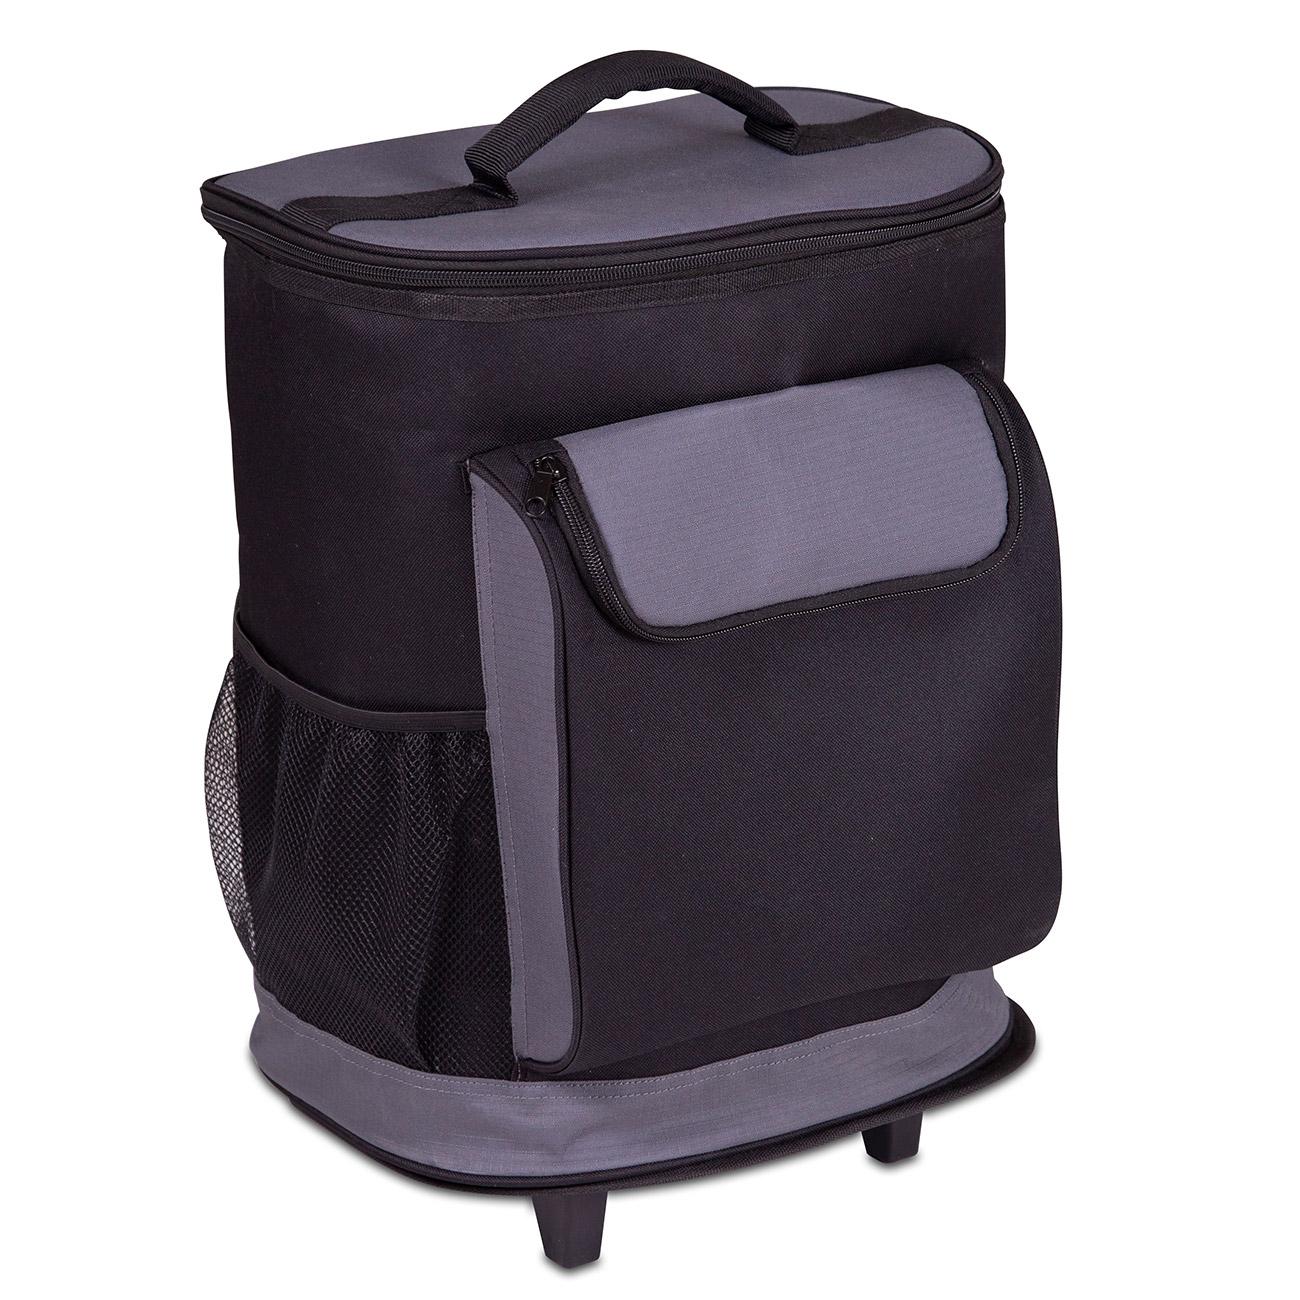 Transportieren Sie mit dem Rucksack-Trolley 2in1 »Cool« kühlbedürftige Lebensmittel komfortabel und sicher.